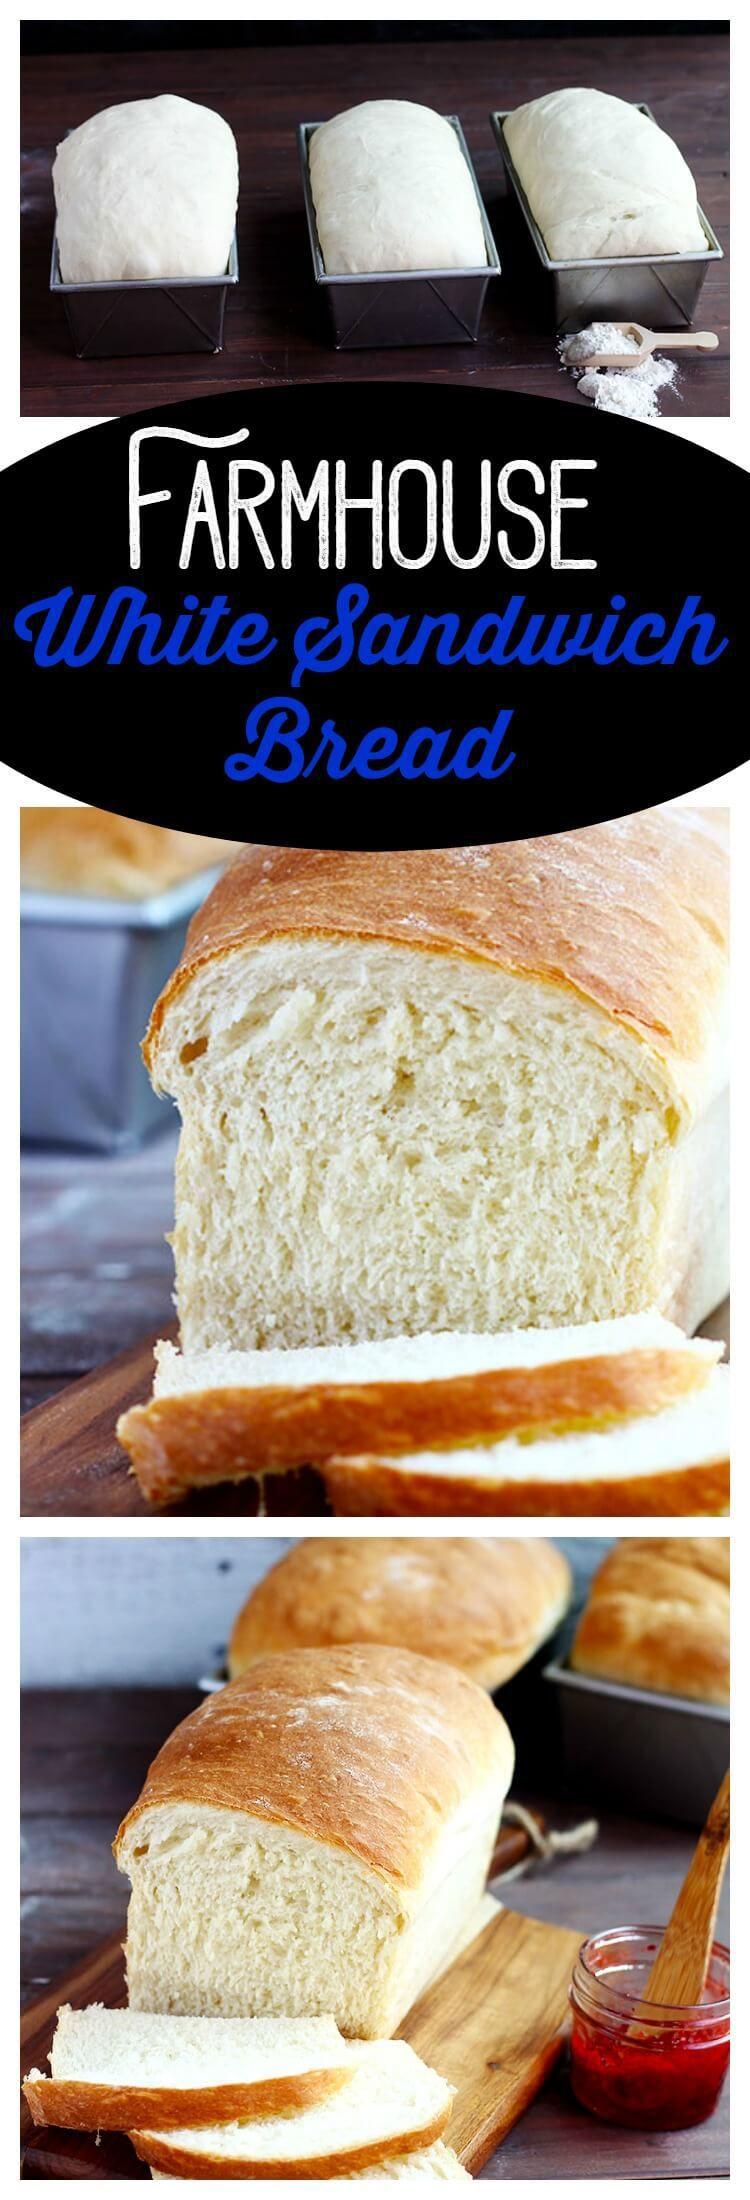 Farmhouse White Sandwich Bread A delicious soft white